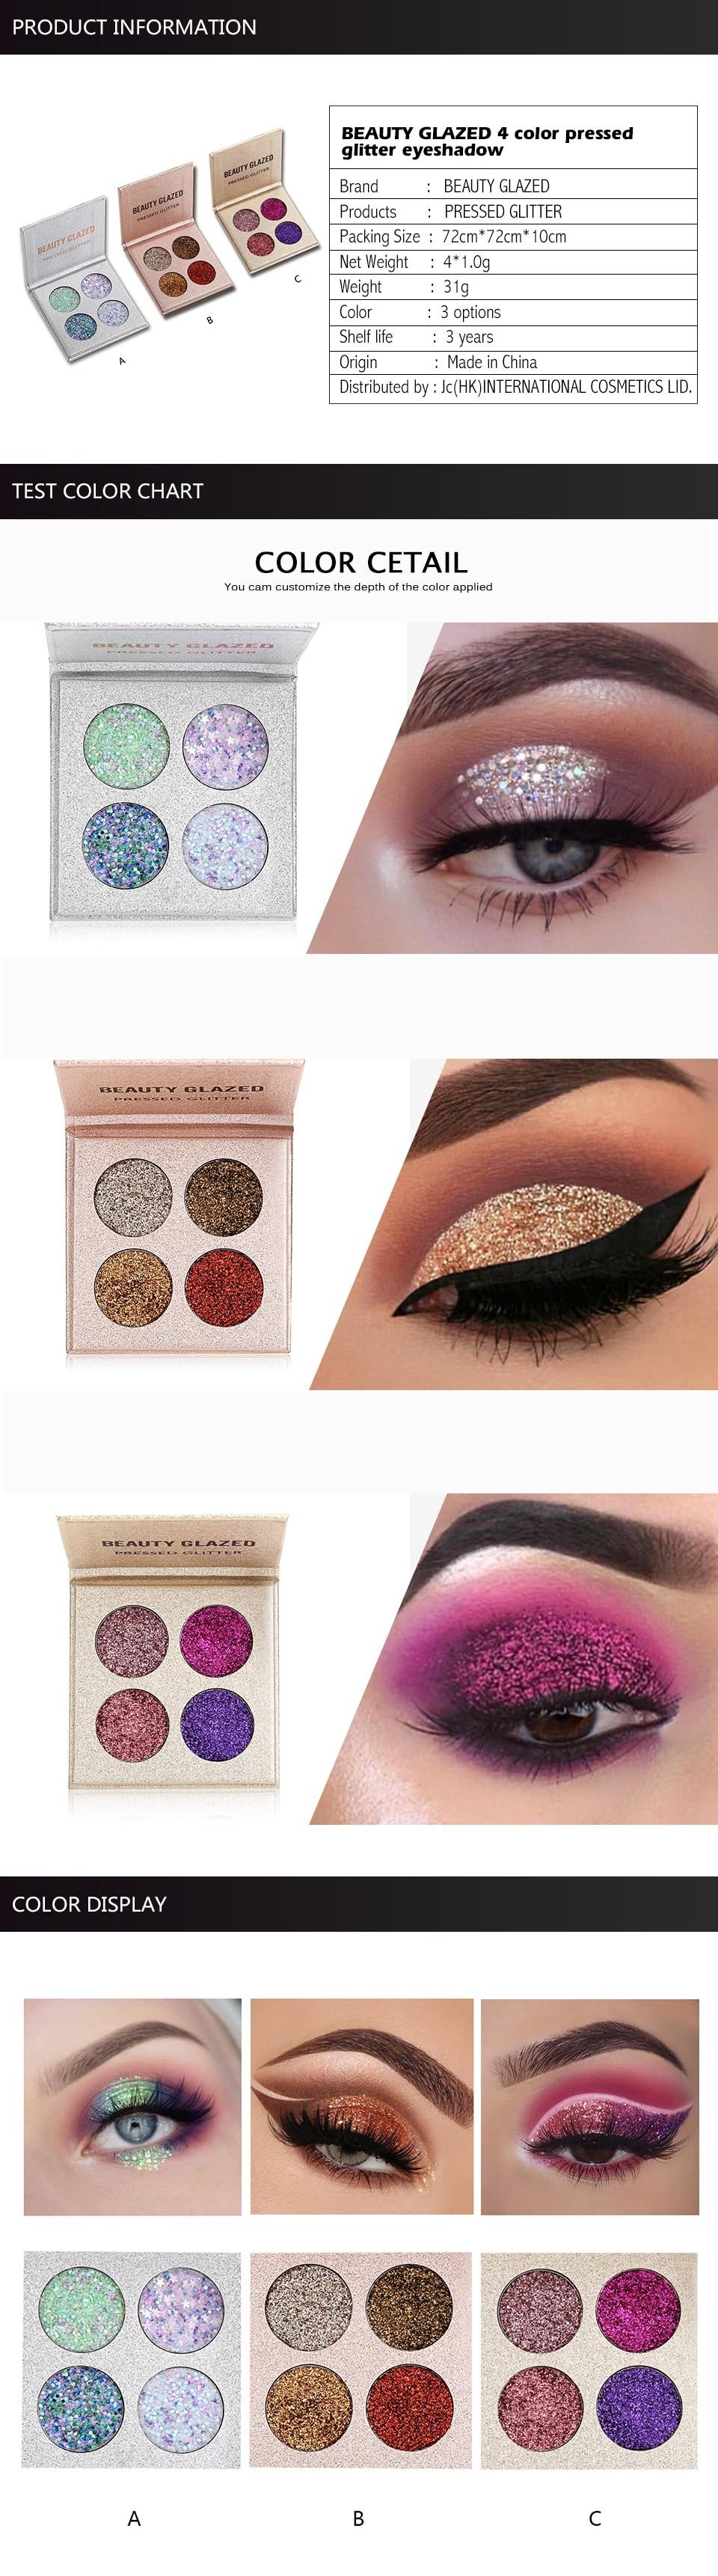 Beauty glazed 4 color glitters diamond eyeshadow palette long b19 b191 b192 geenschuldenfo Gallery